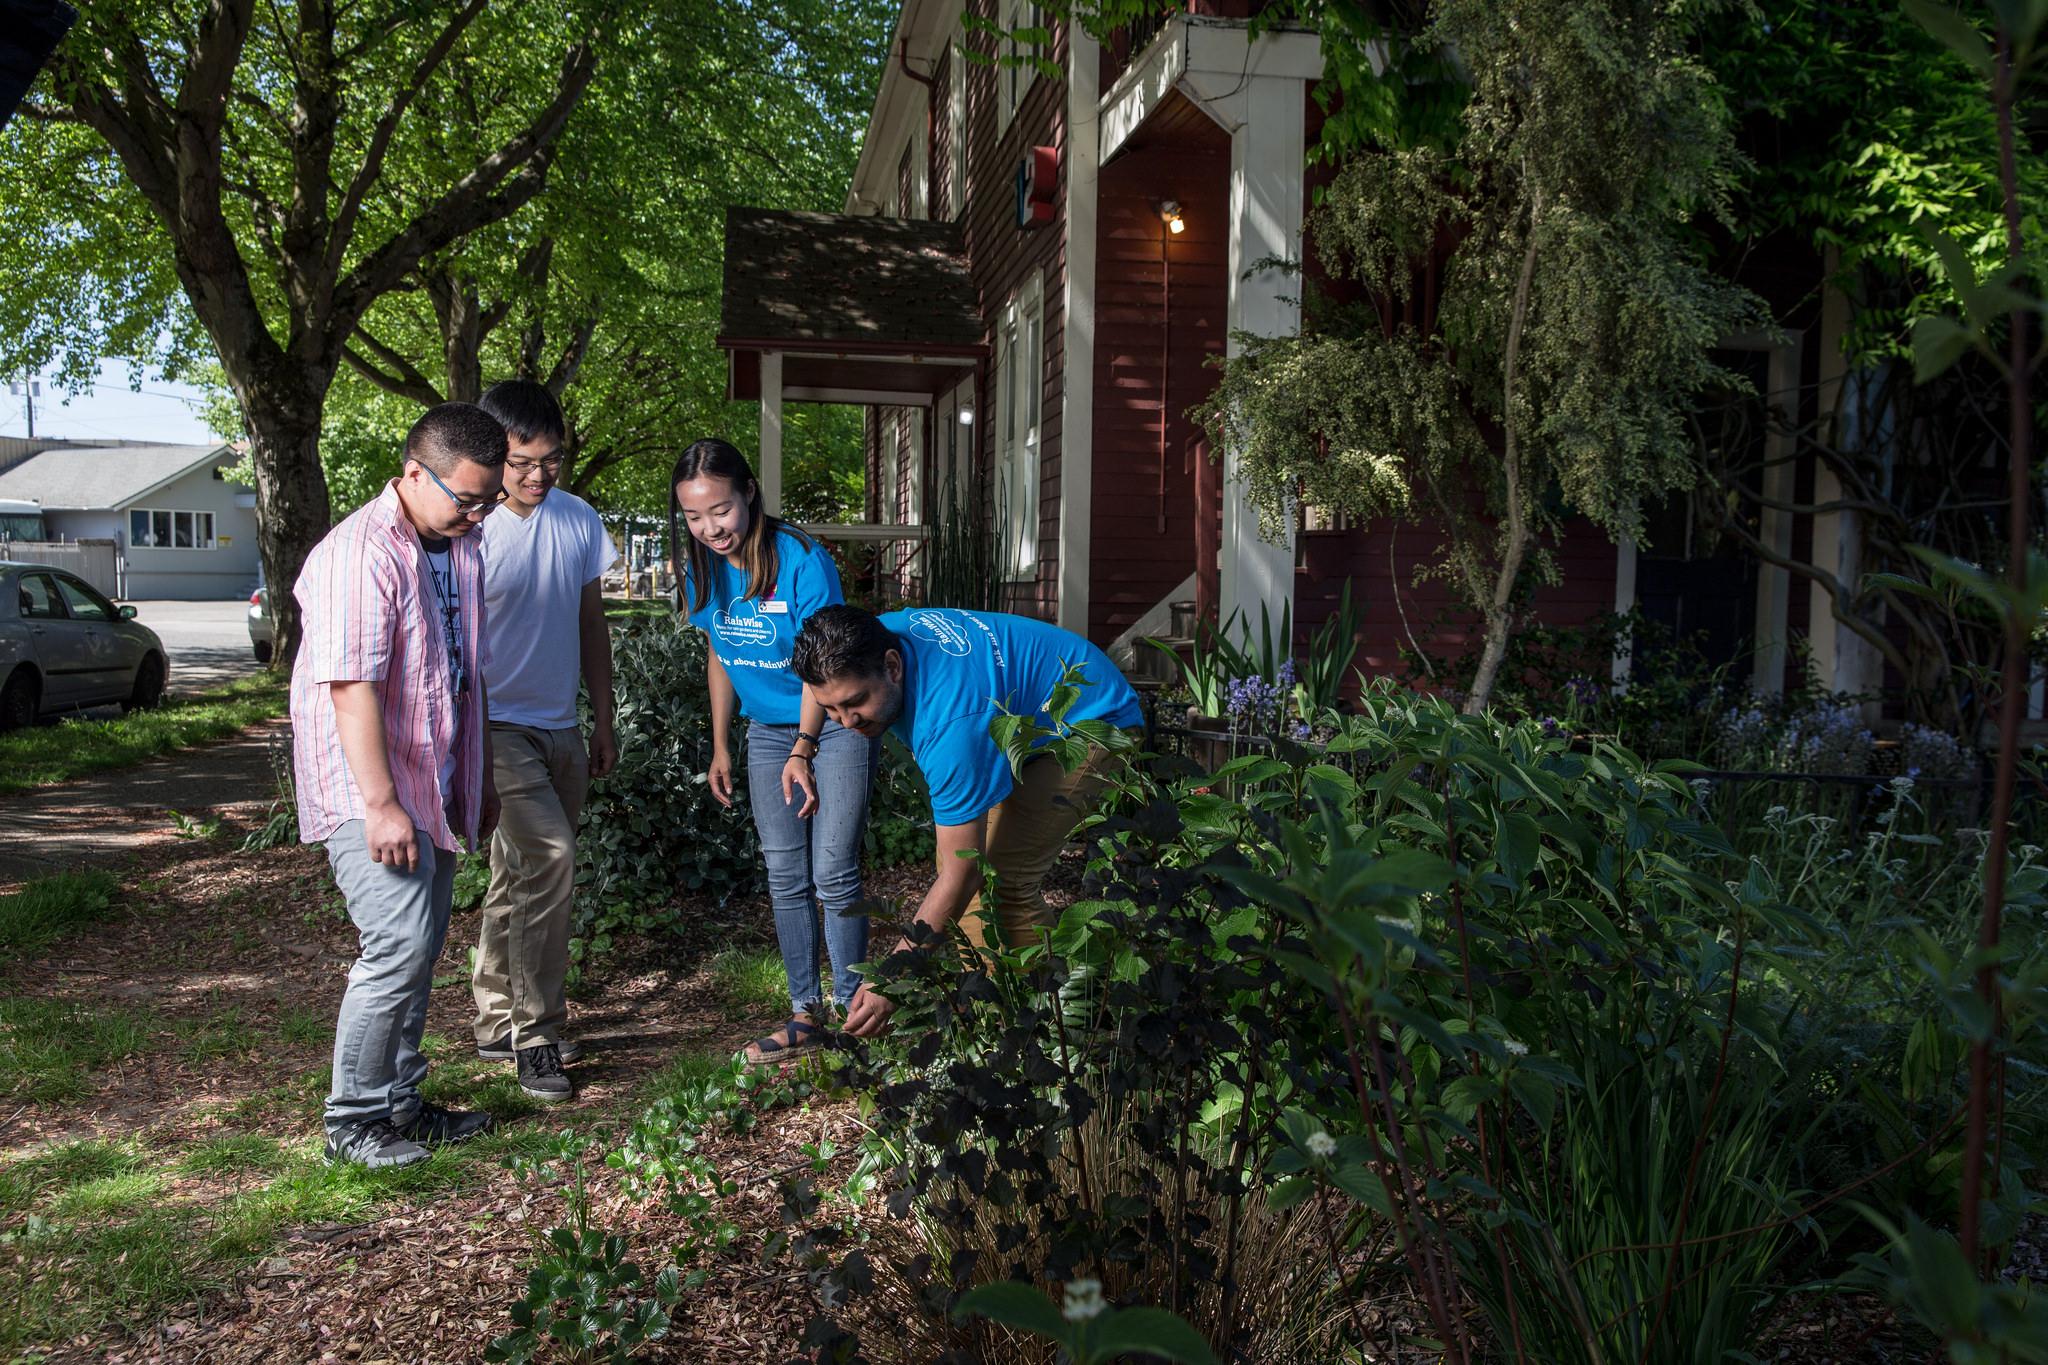 Photo: Washington Environmental Council